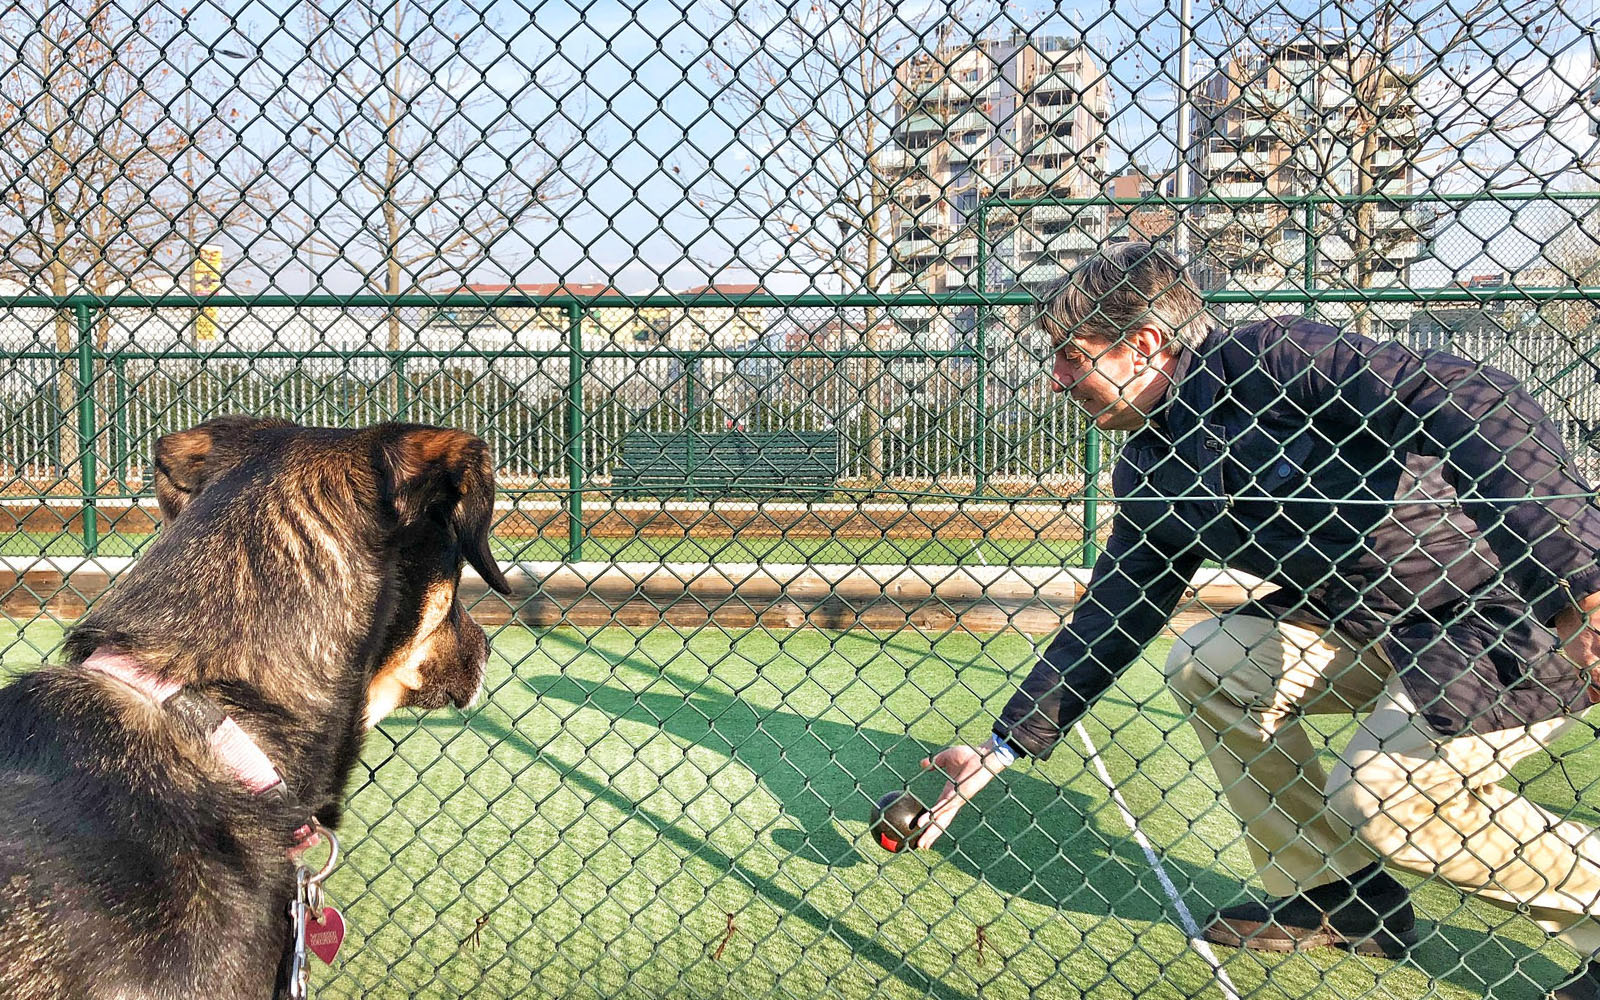 Il campo da bocce del Parco del Portello e la mia 'cagnolina' Pastis. © oltreilbalcone